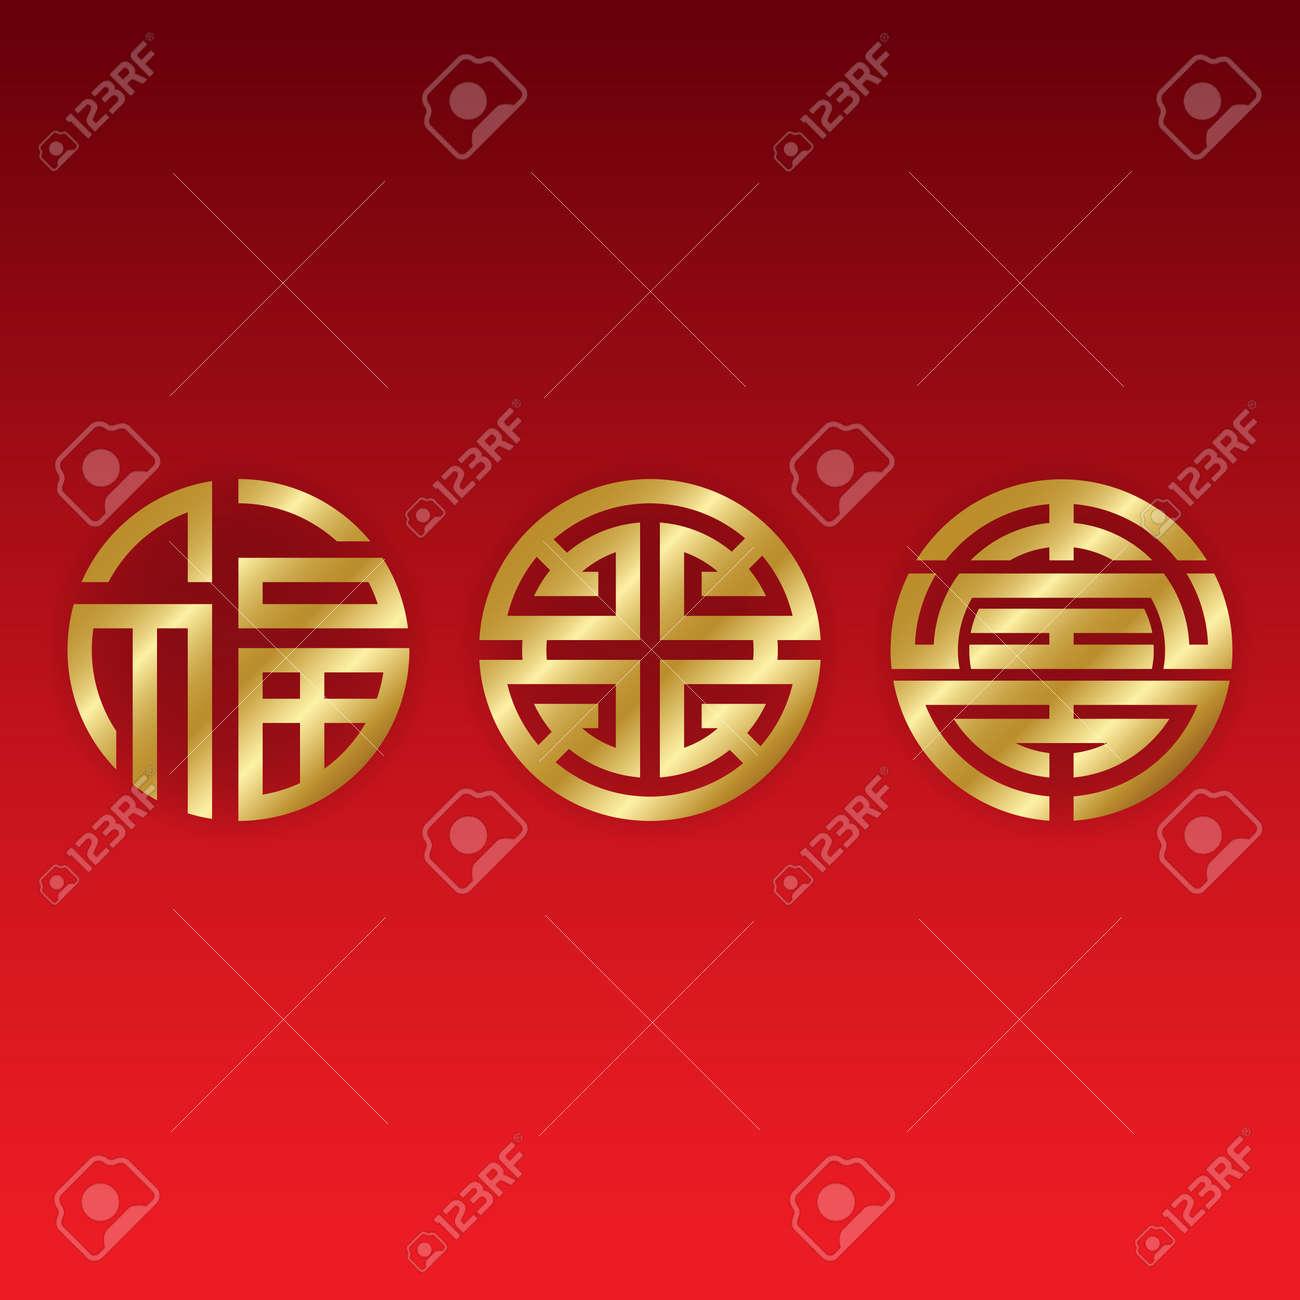 Símbolos De Buena Suerte Chinos De Oro Bendiciones Prosperidad Y Longevidad En El Fondo Rojo De La Pendiente Ilustraciones Vectoriales Clip Art Vectorizado Libre De Derechos Image 45911627